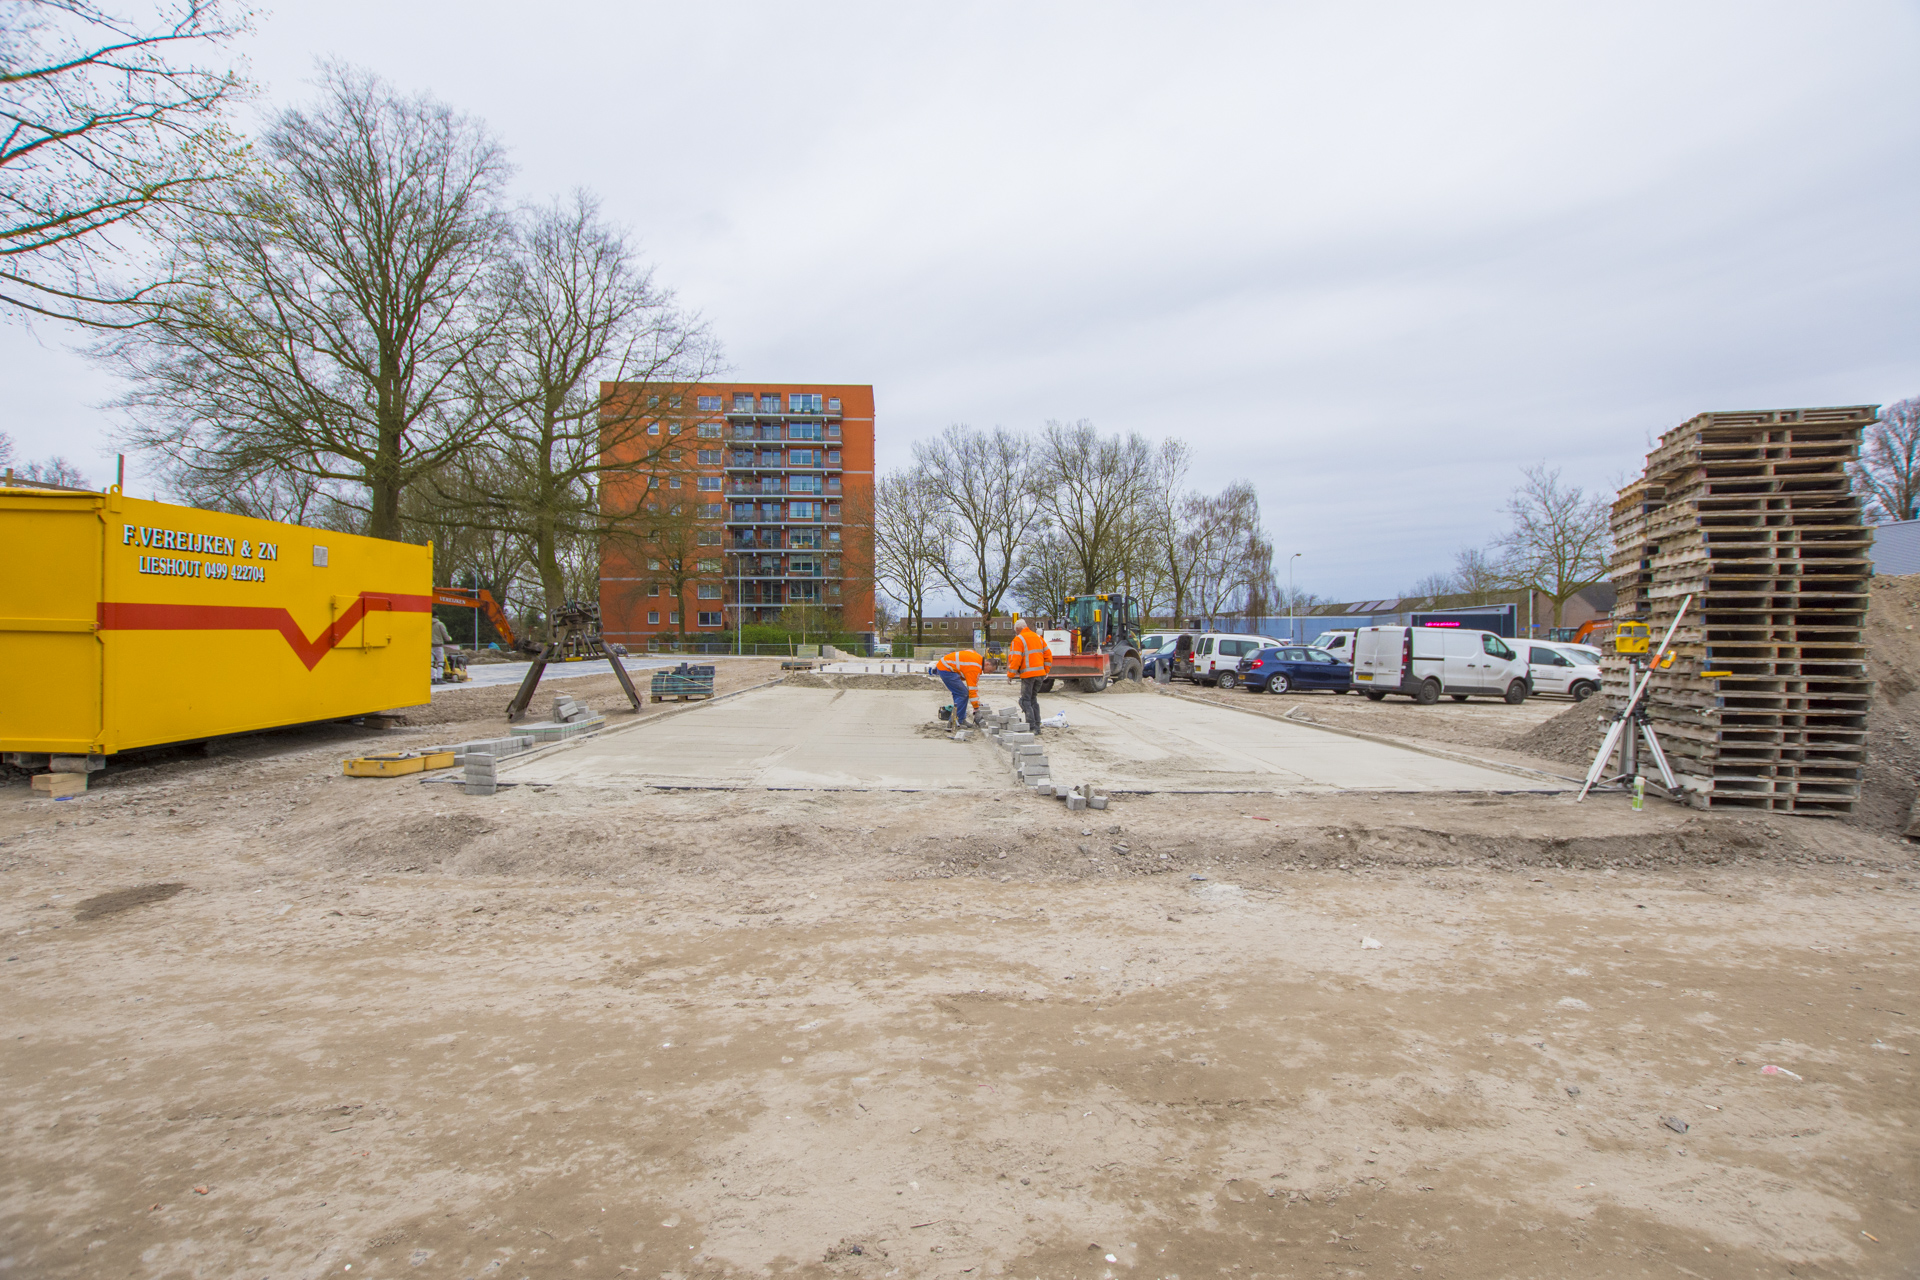 Verbouwing van het Karregat. Nieuwbouw week 12.